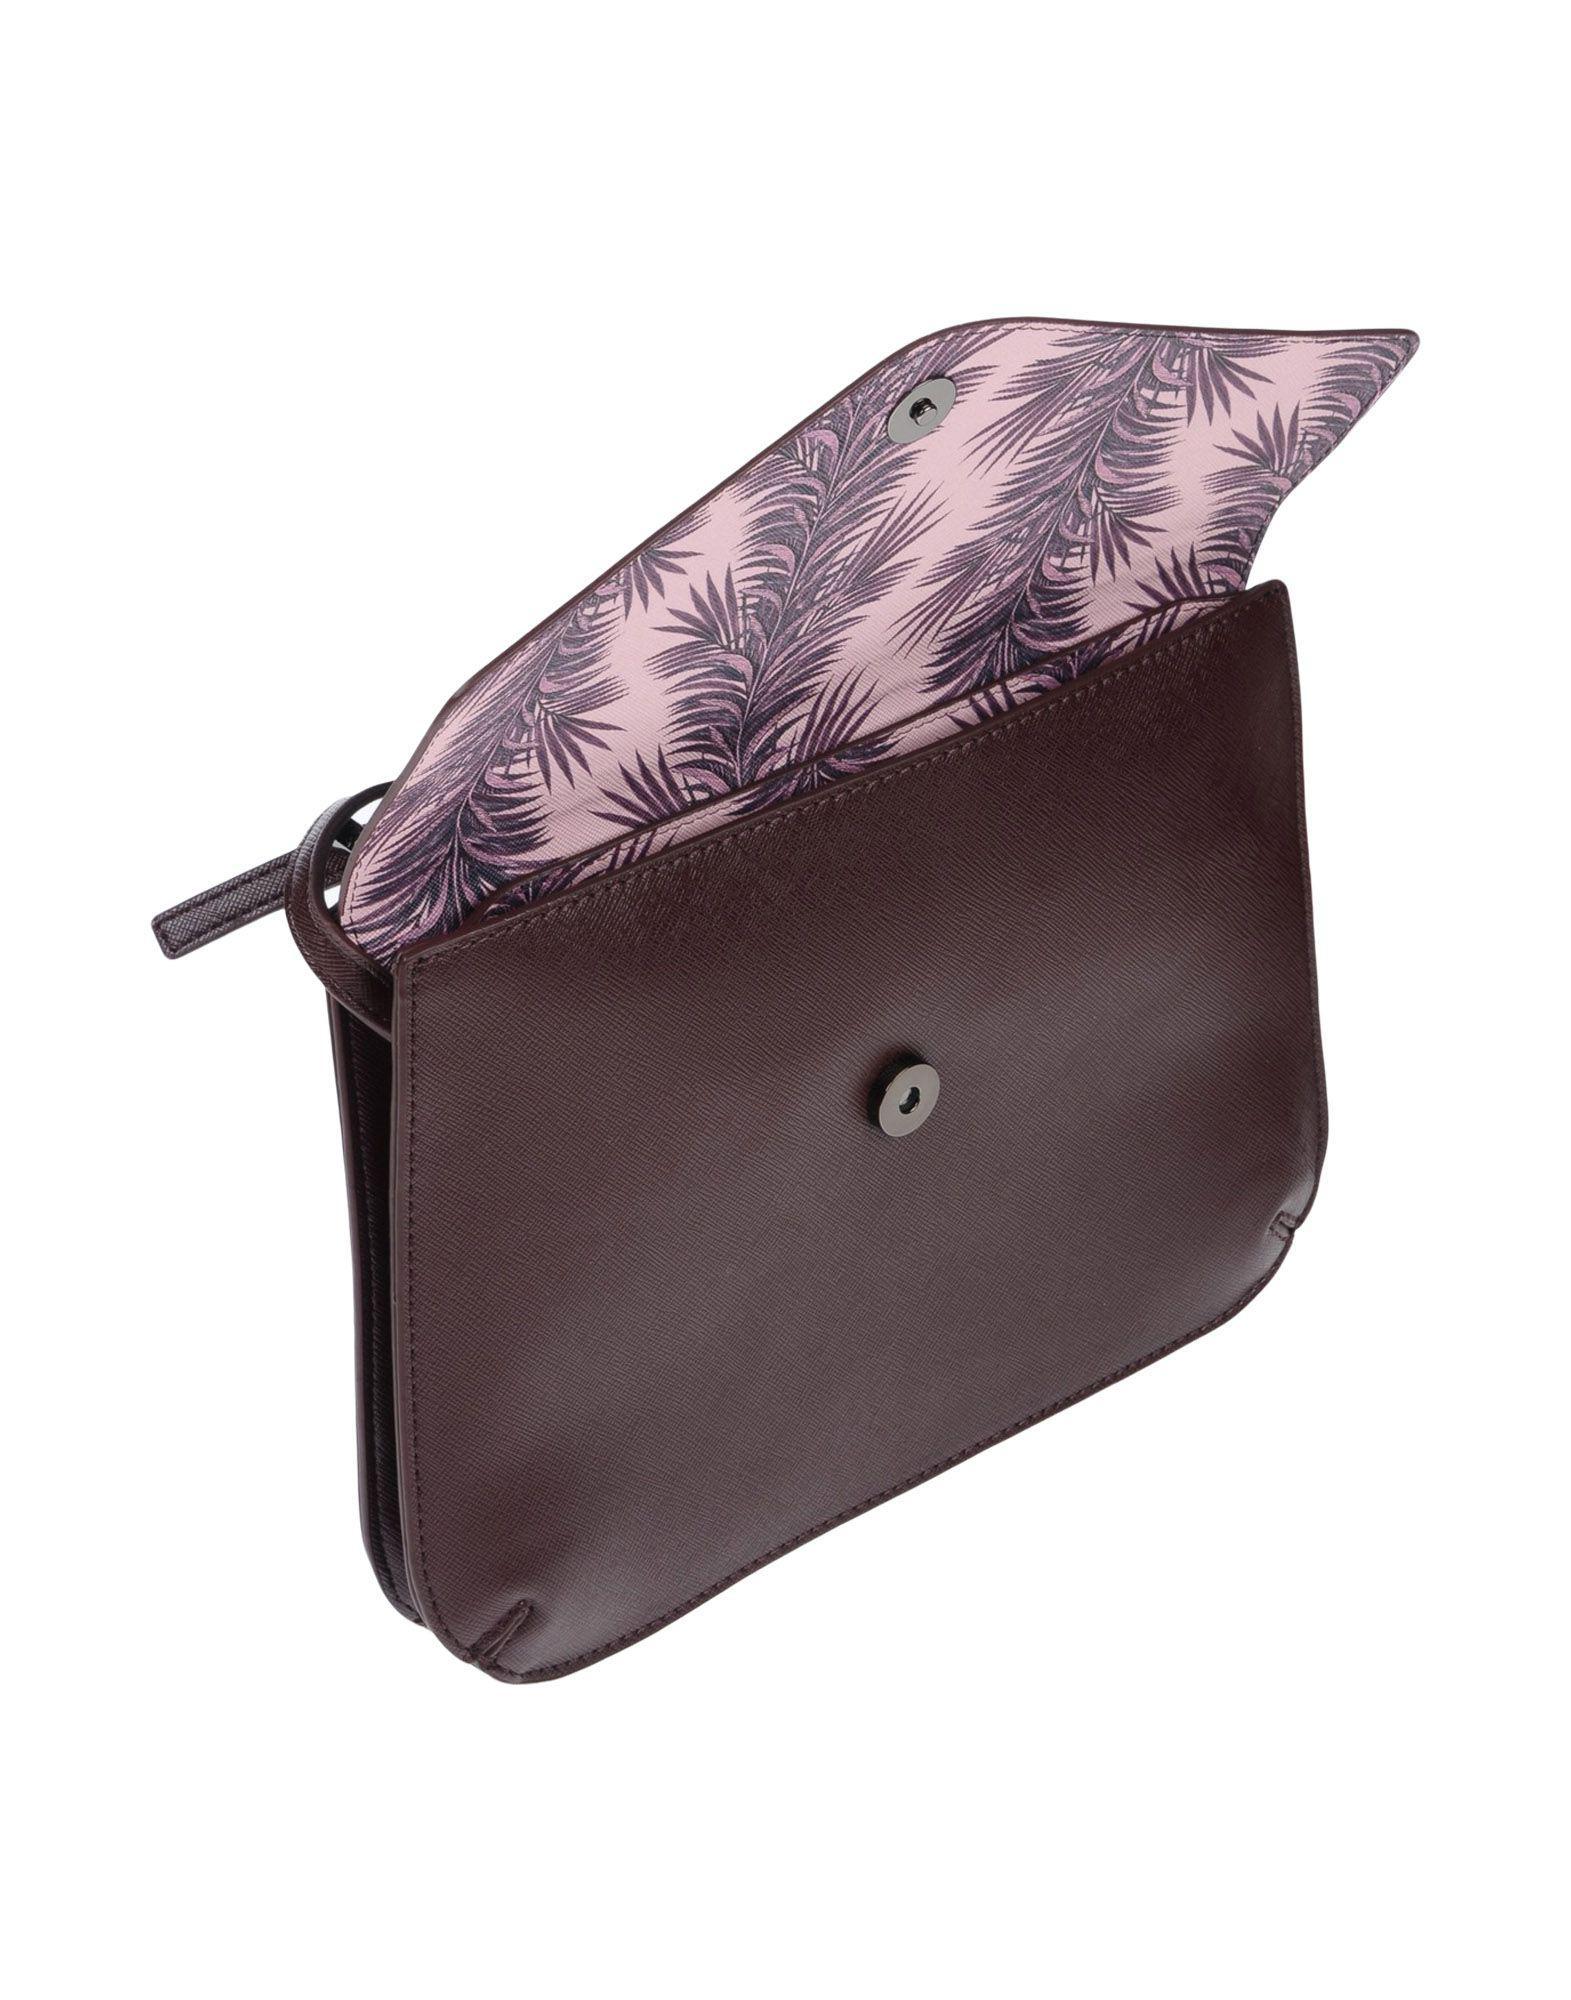 Christian Lacroix Cross-body Bag in Deep Purple (Purple)